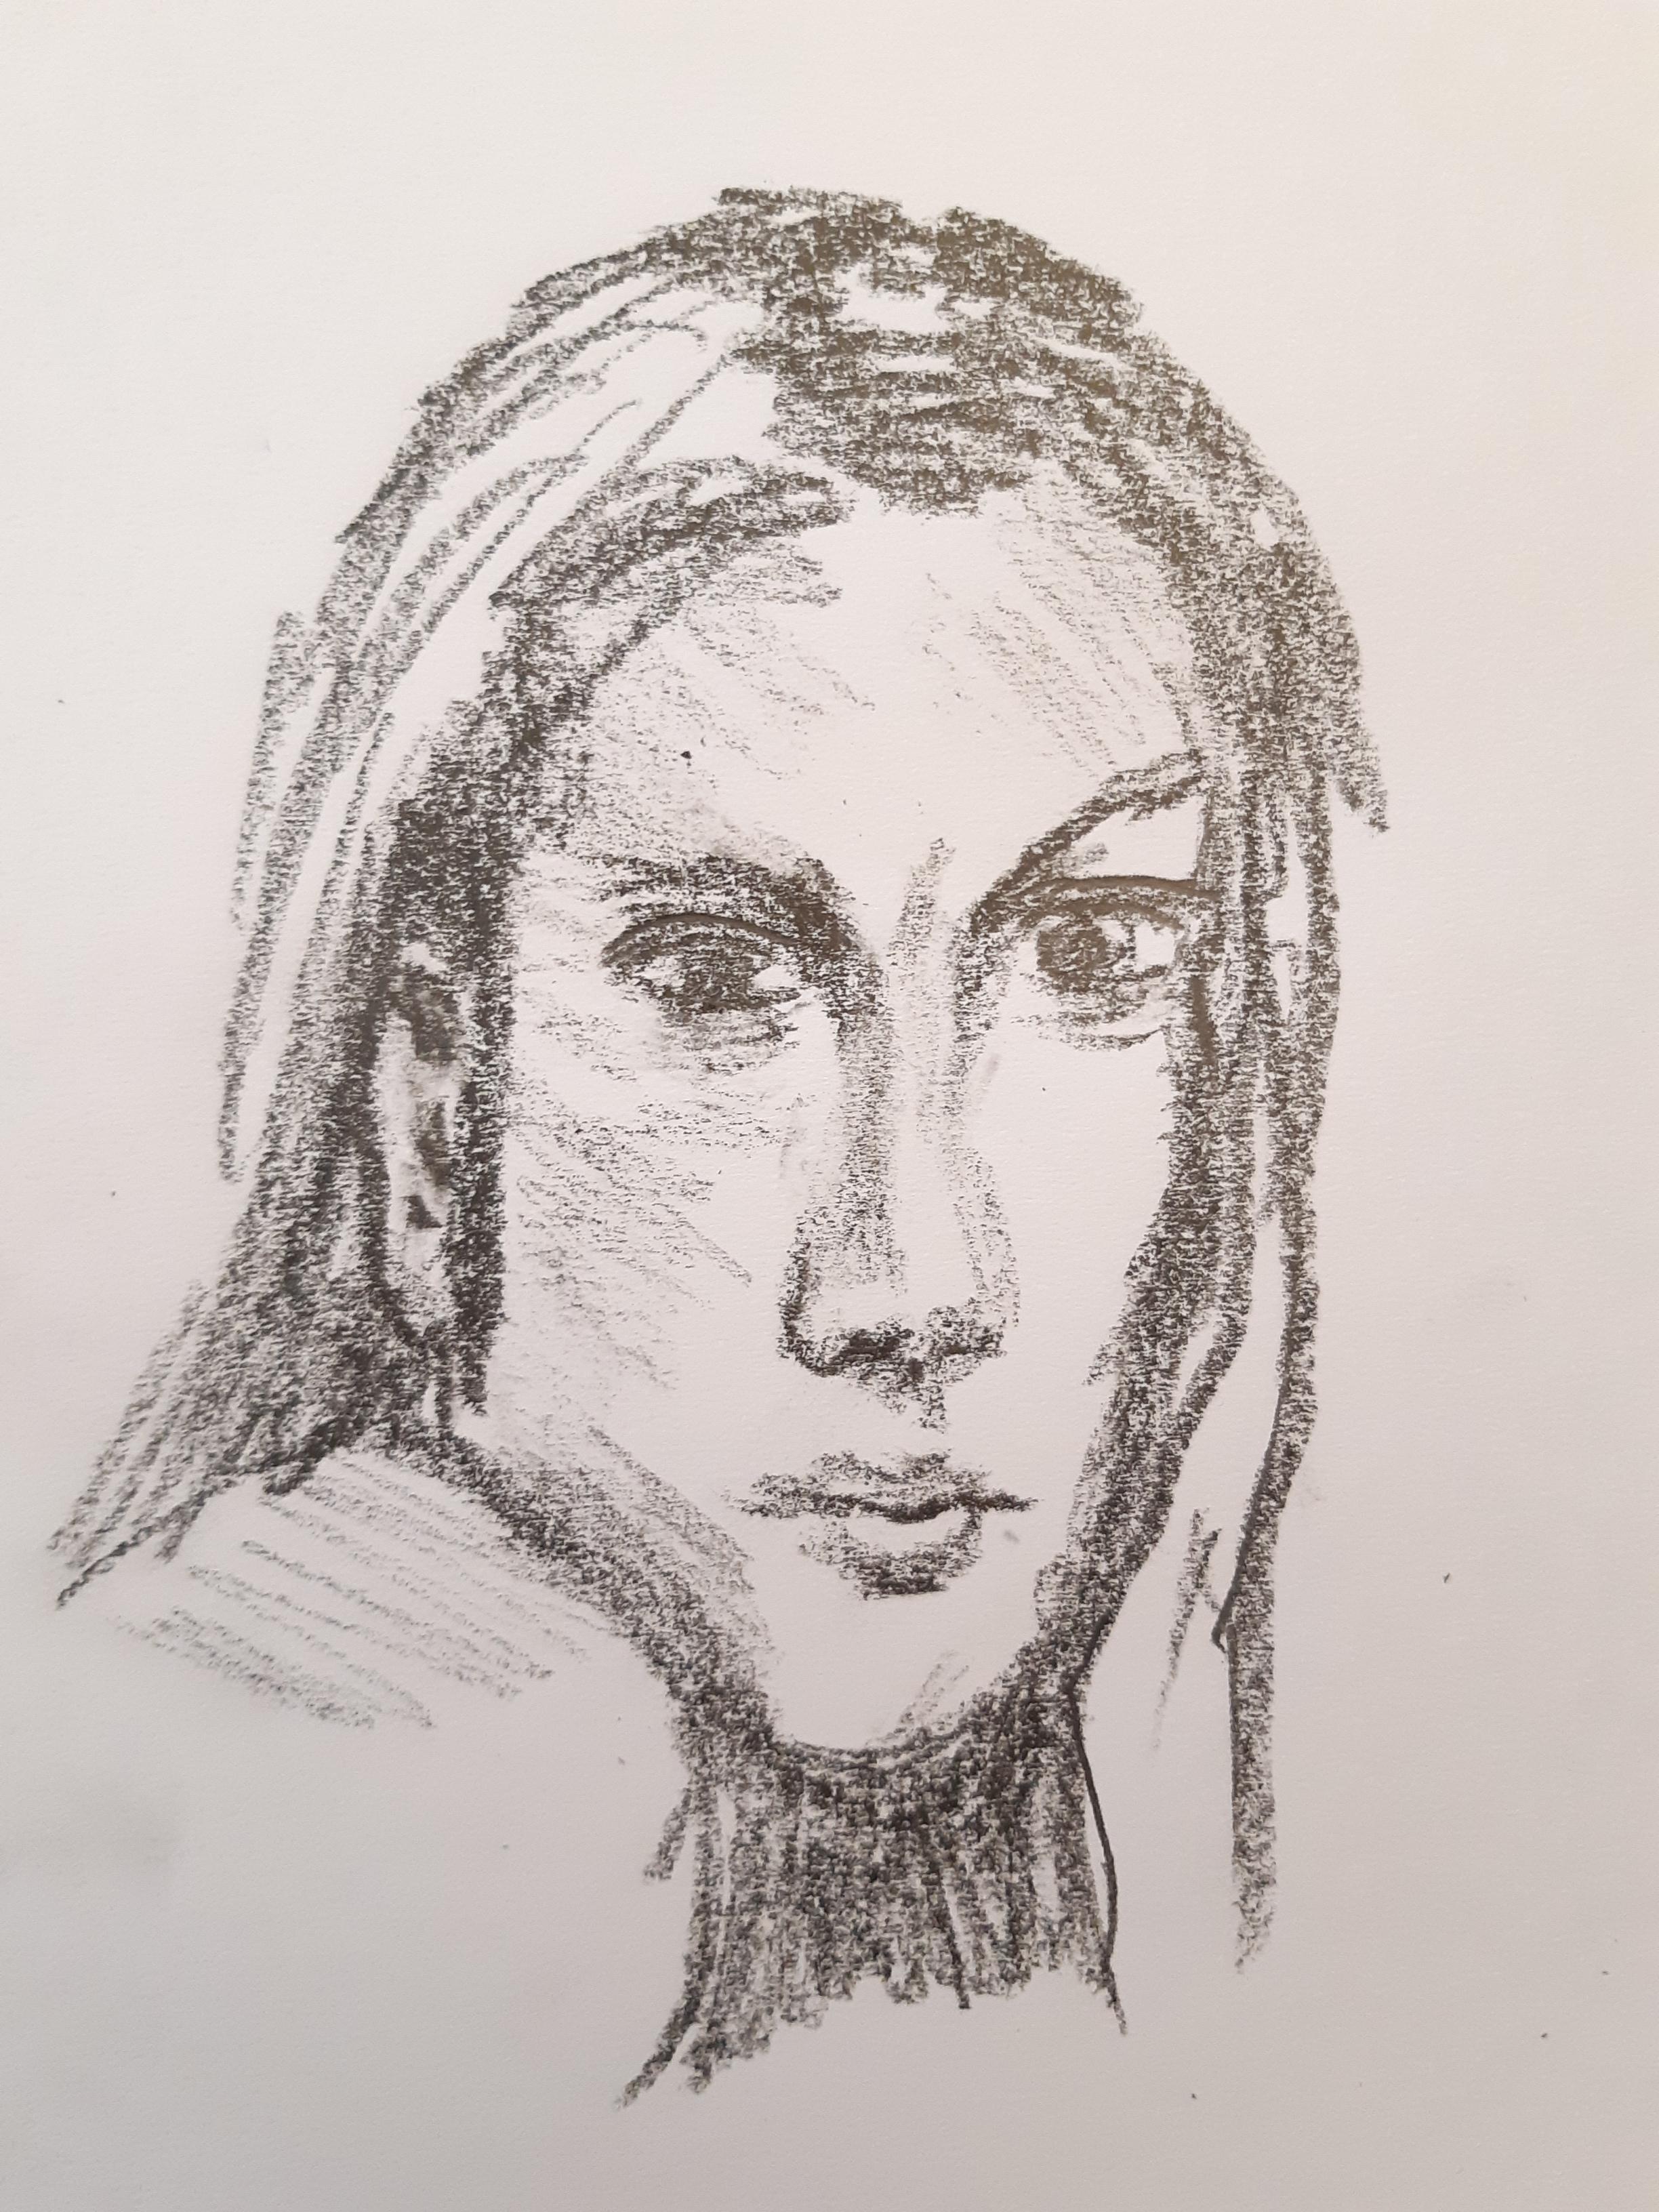 Portrait graphique gras 6b  cours de dessin